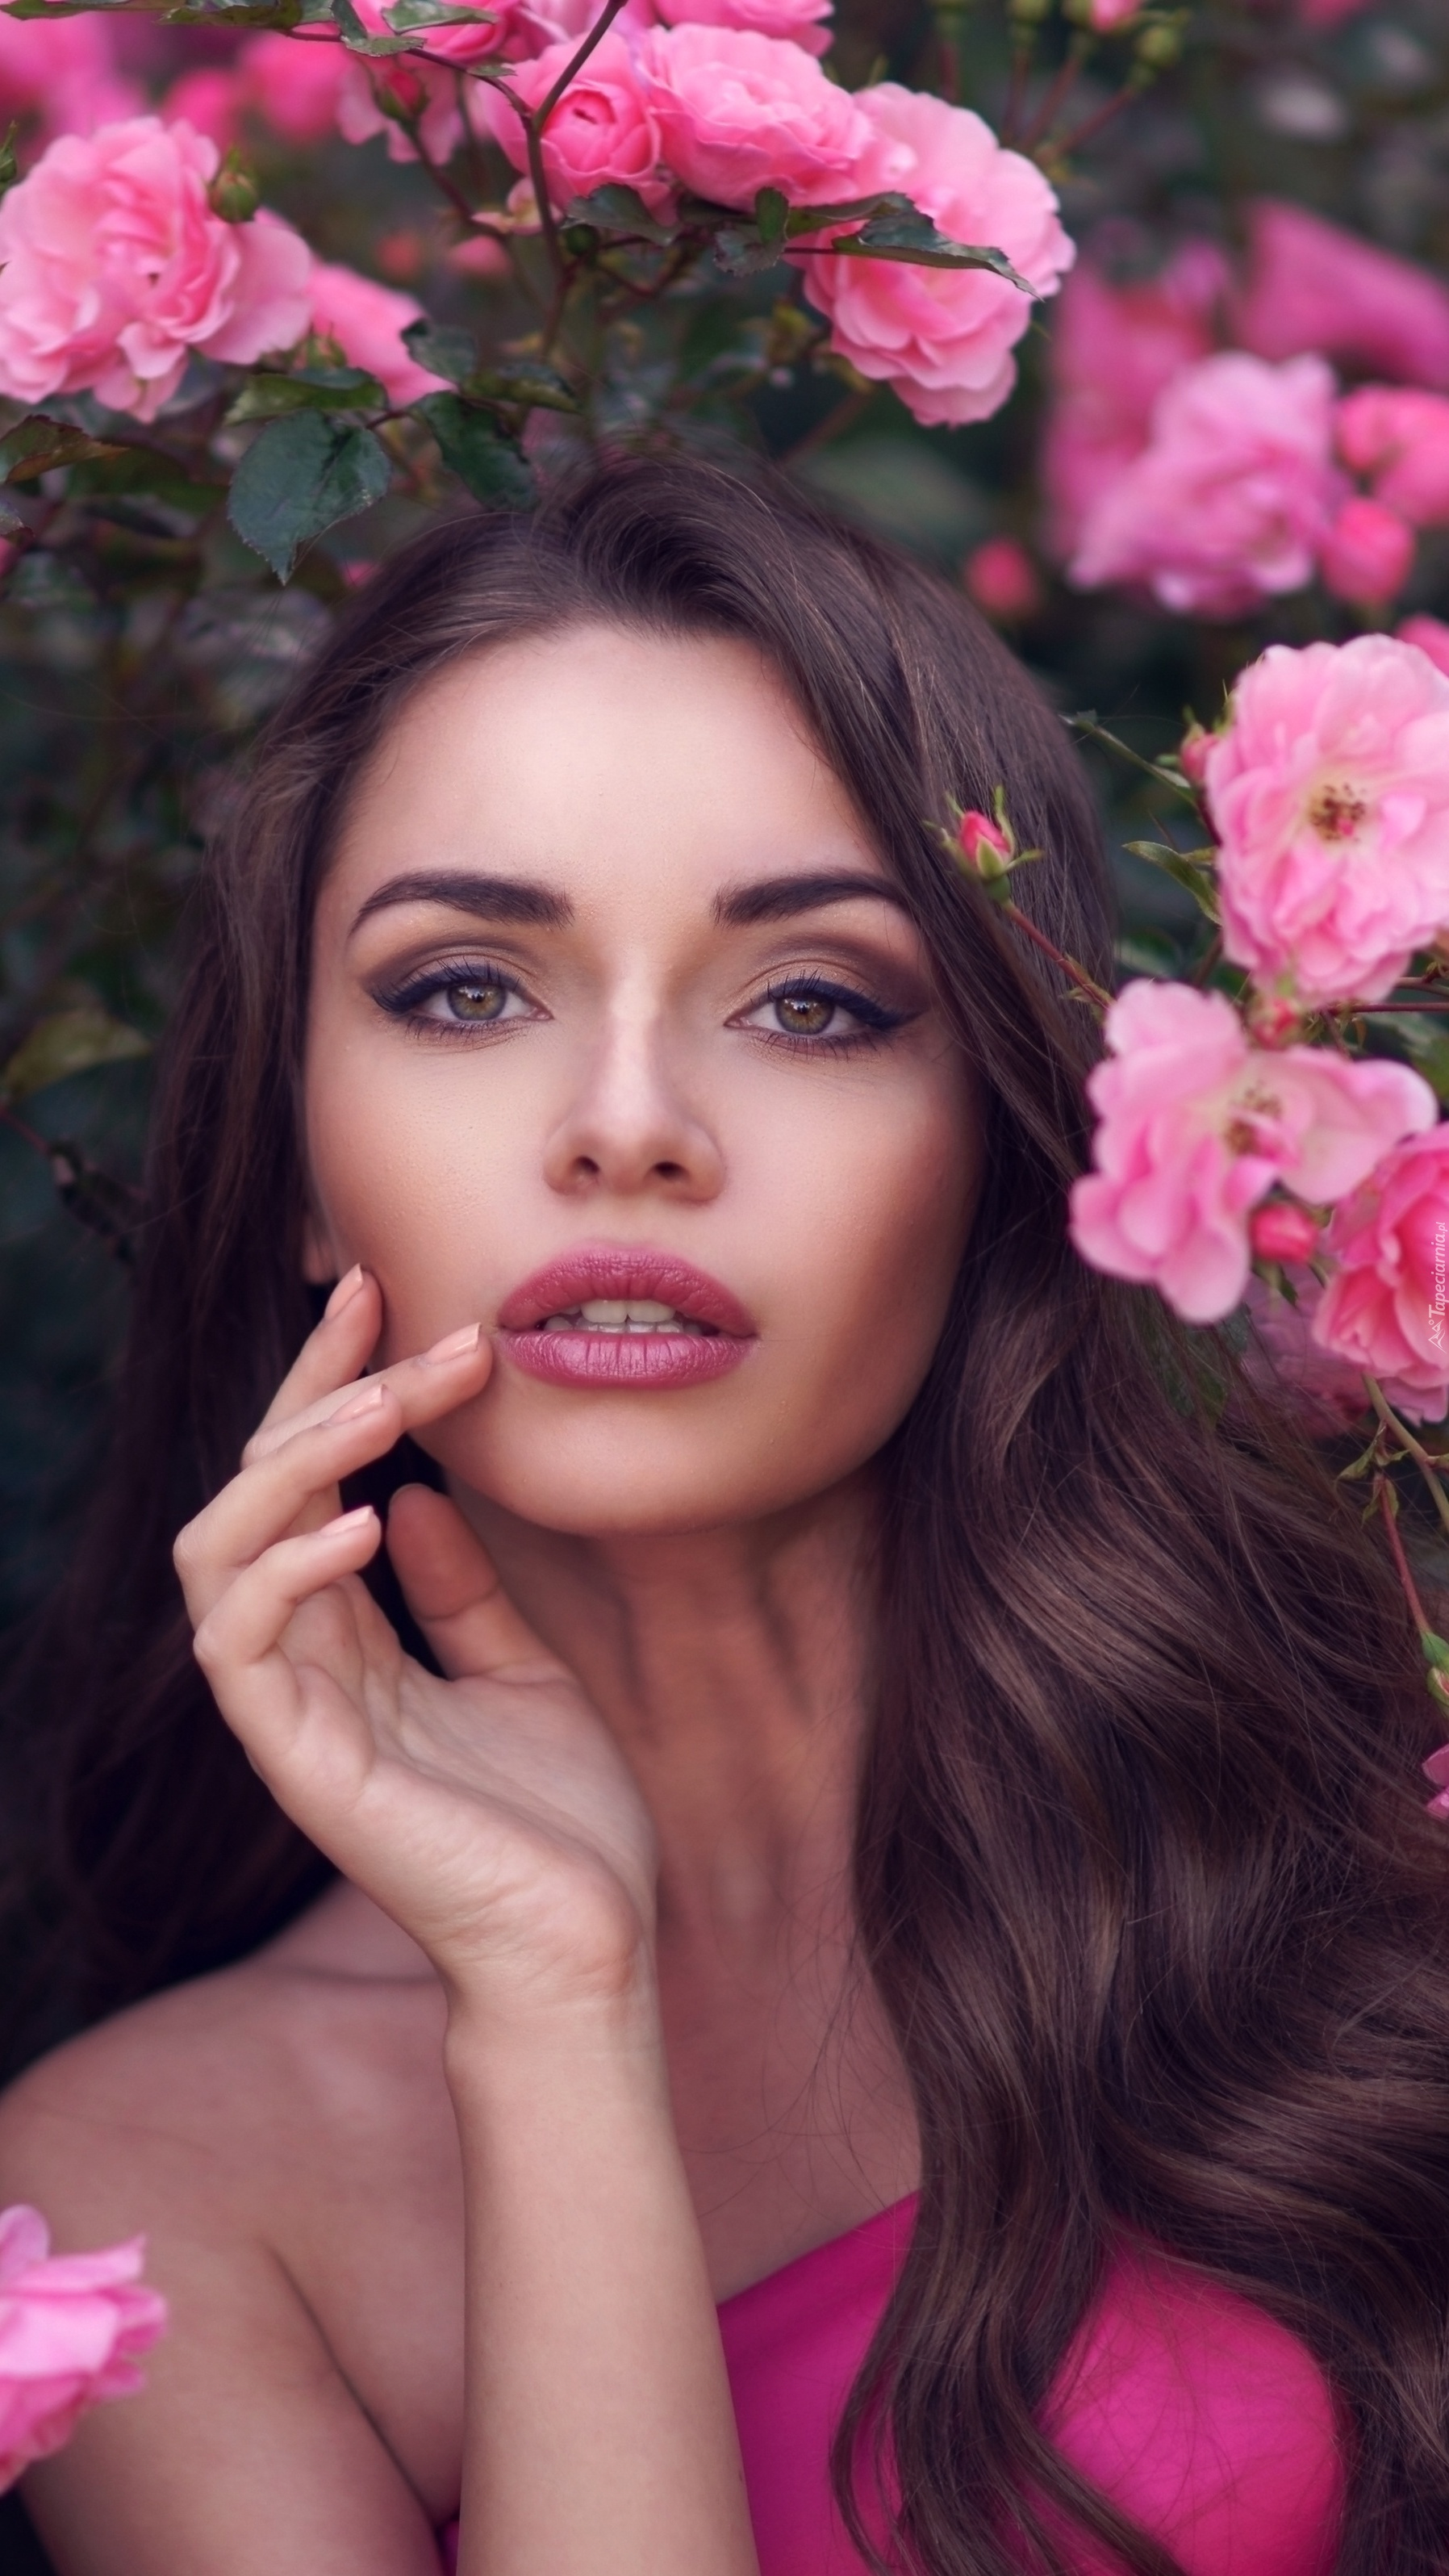 Dama pośród róż